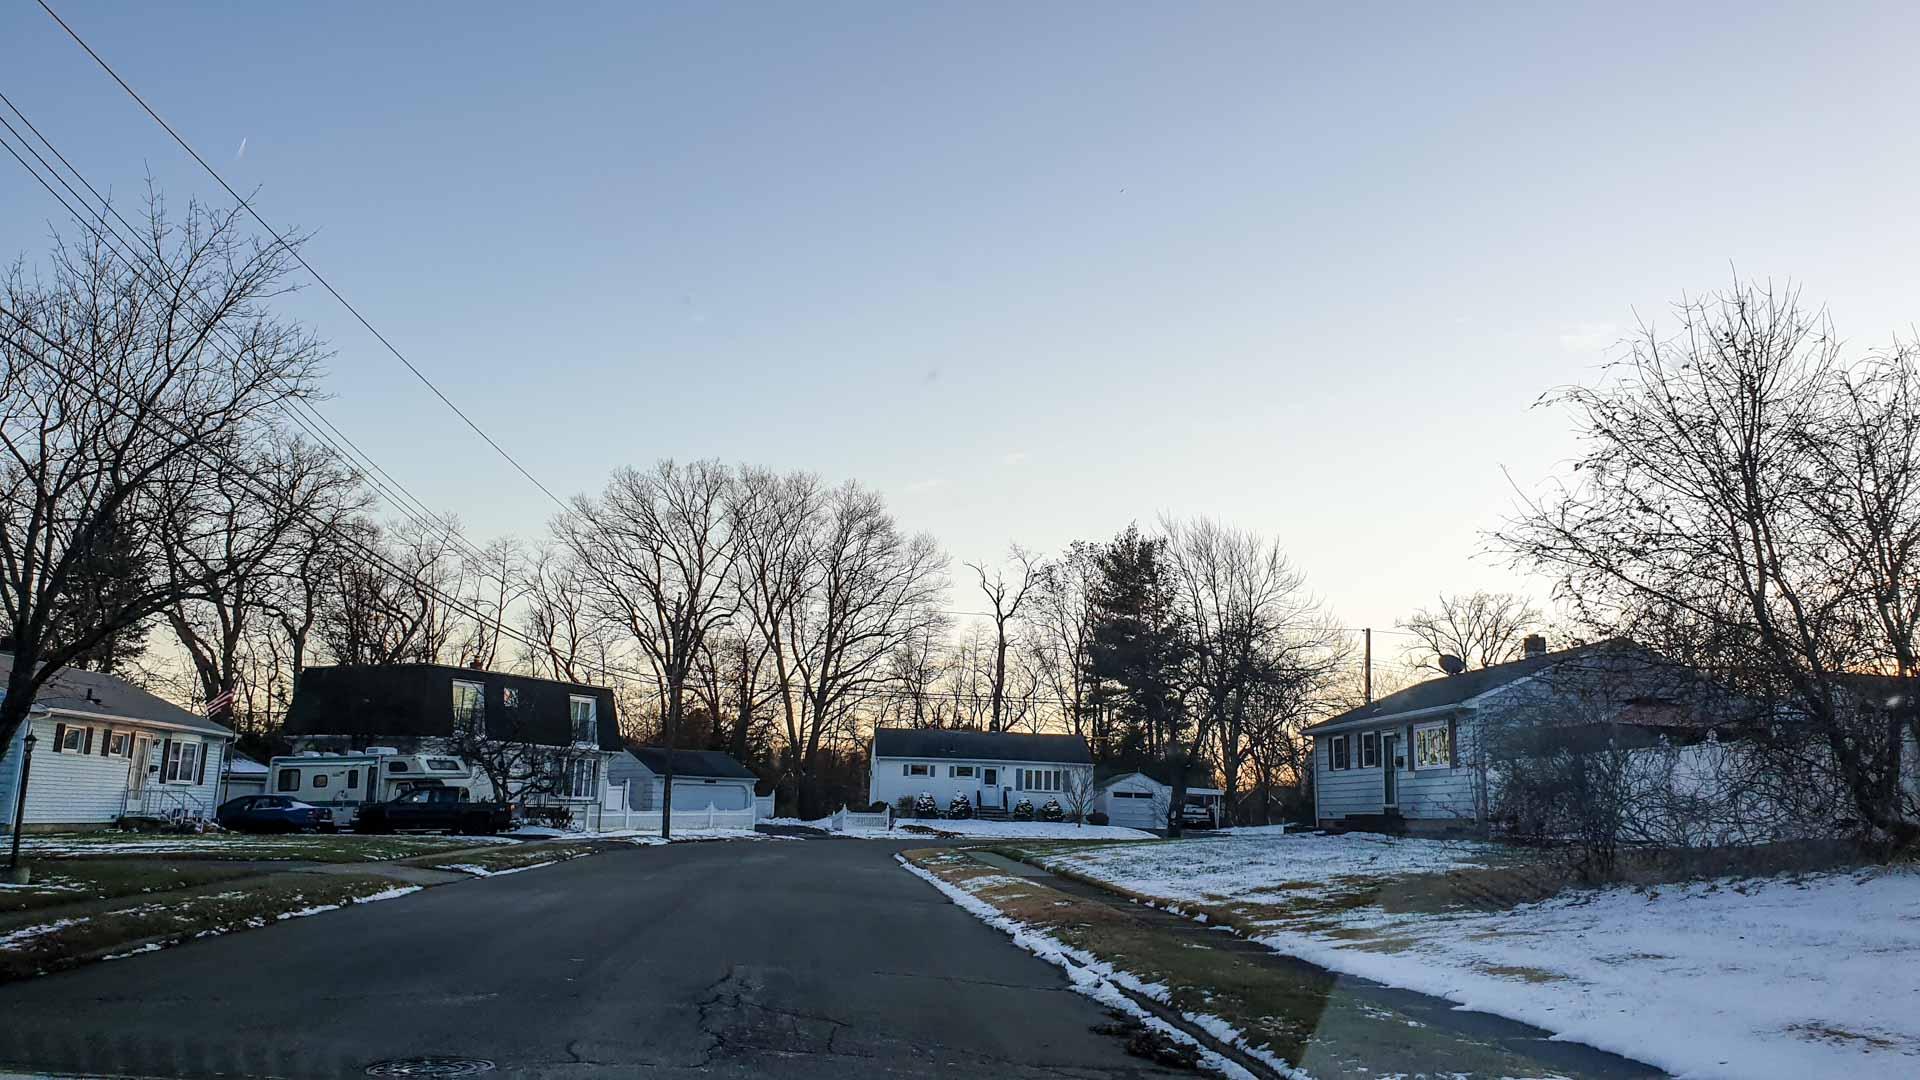 Primeira nevada en Milford, Connecticut